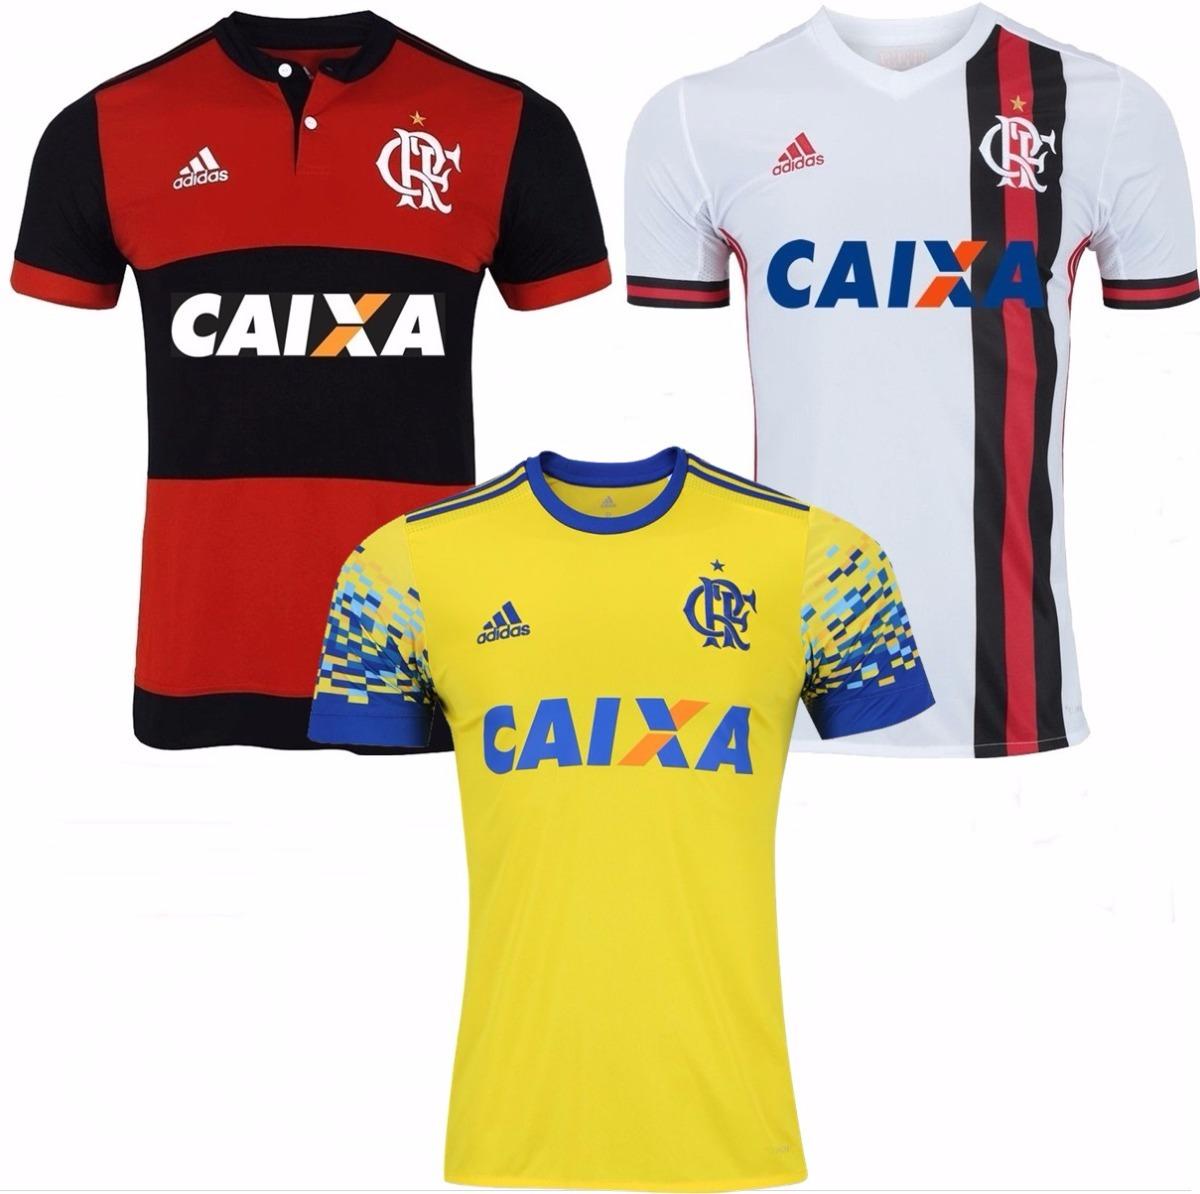 175480ec94 Camisa Do Flamengo Kit 3 Camisetas 40% Desconto + Frete - R  404